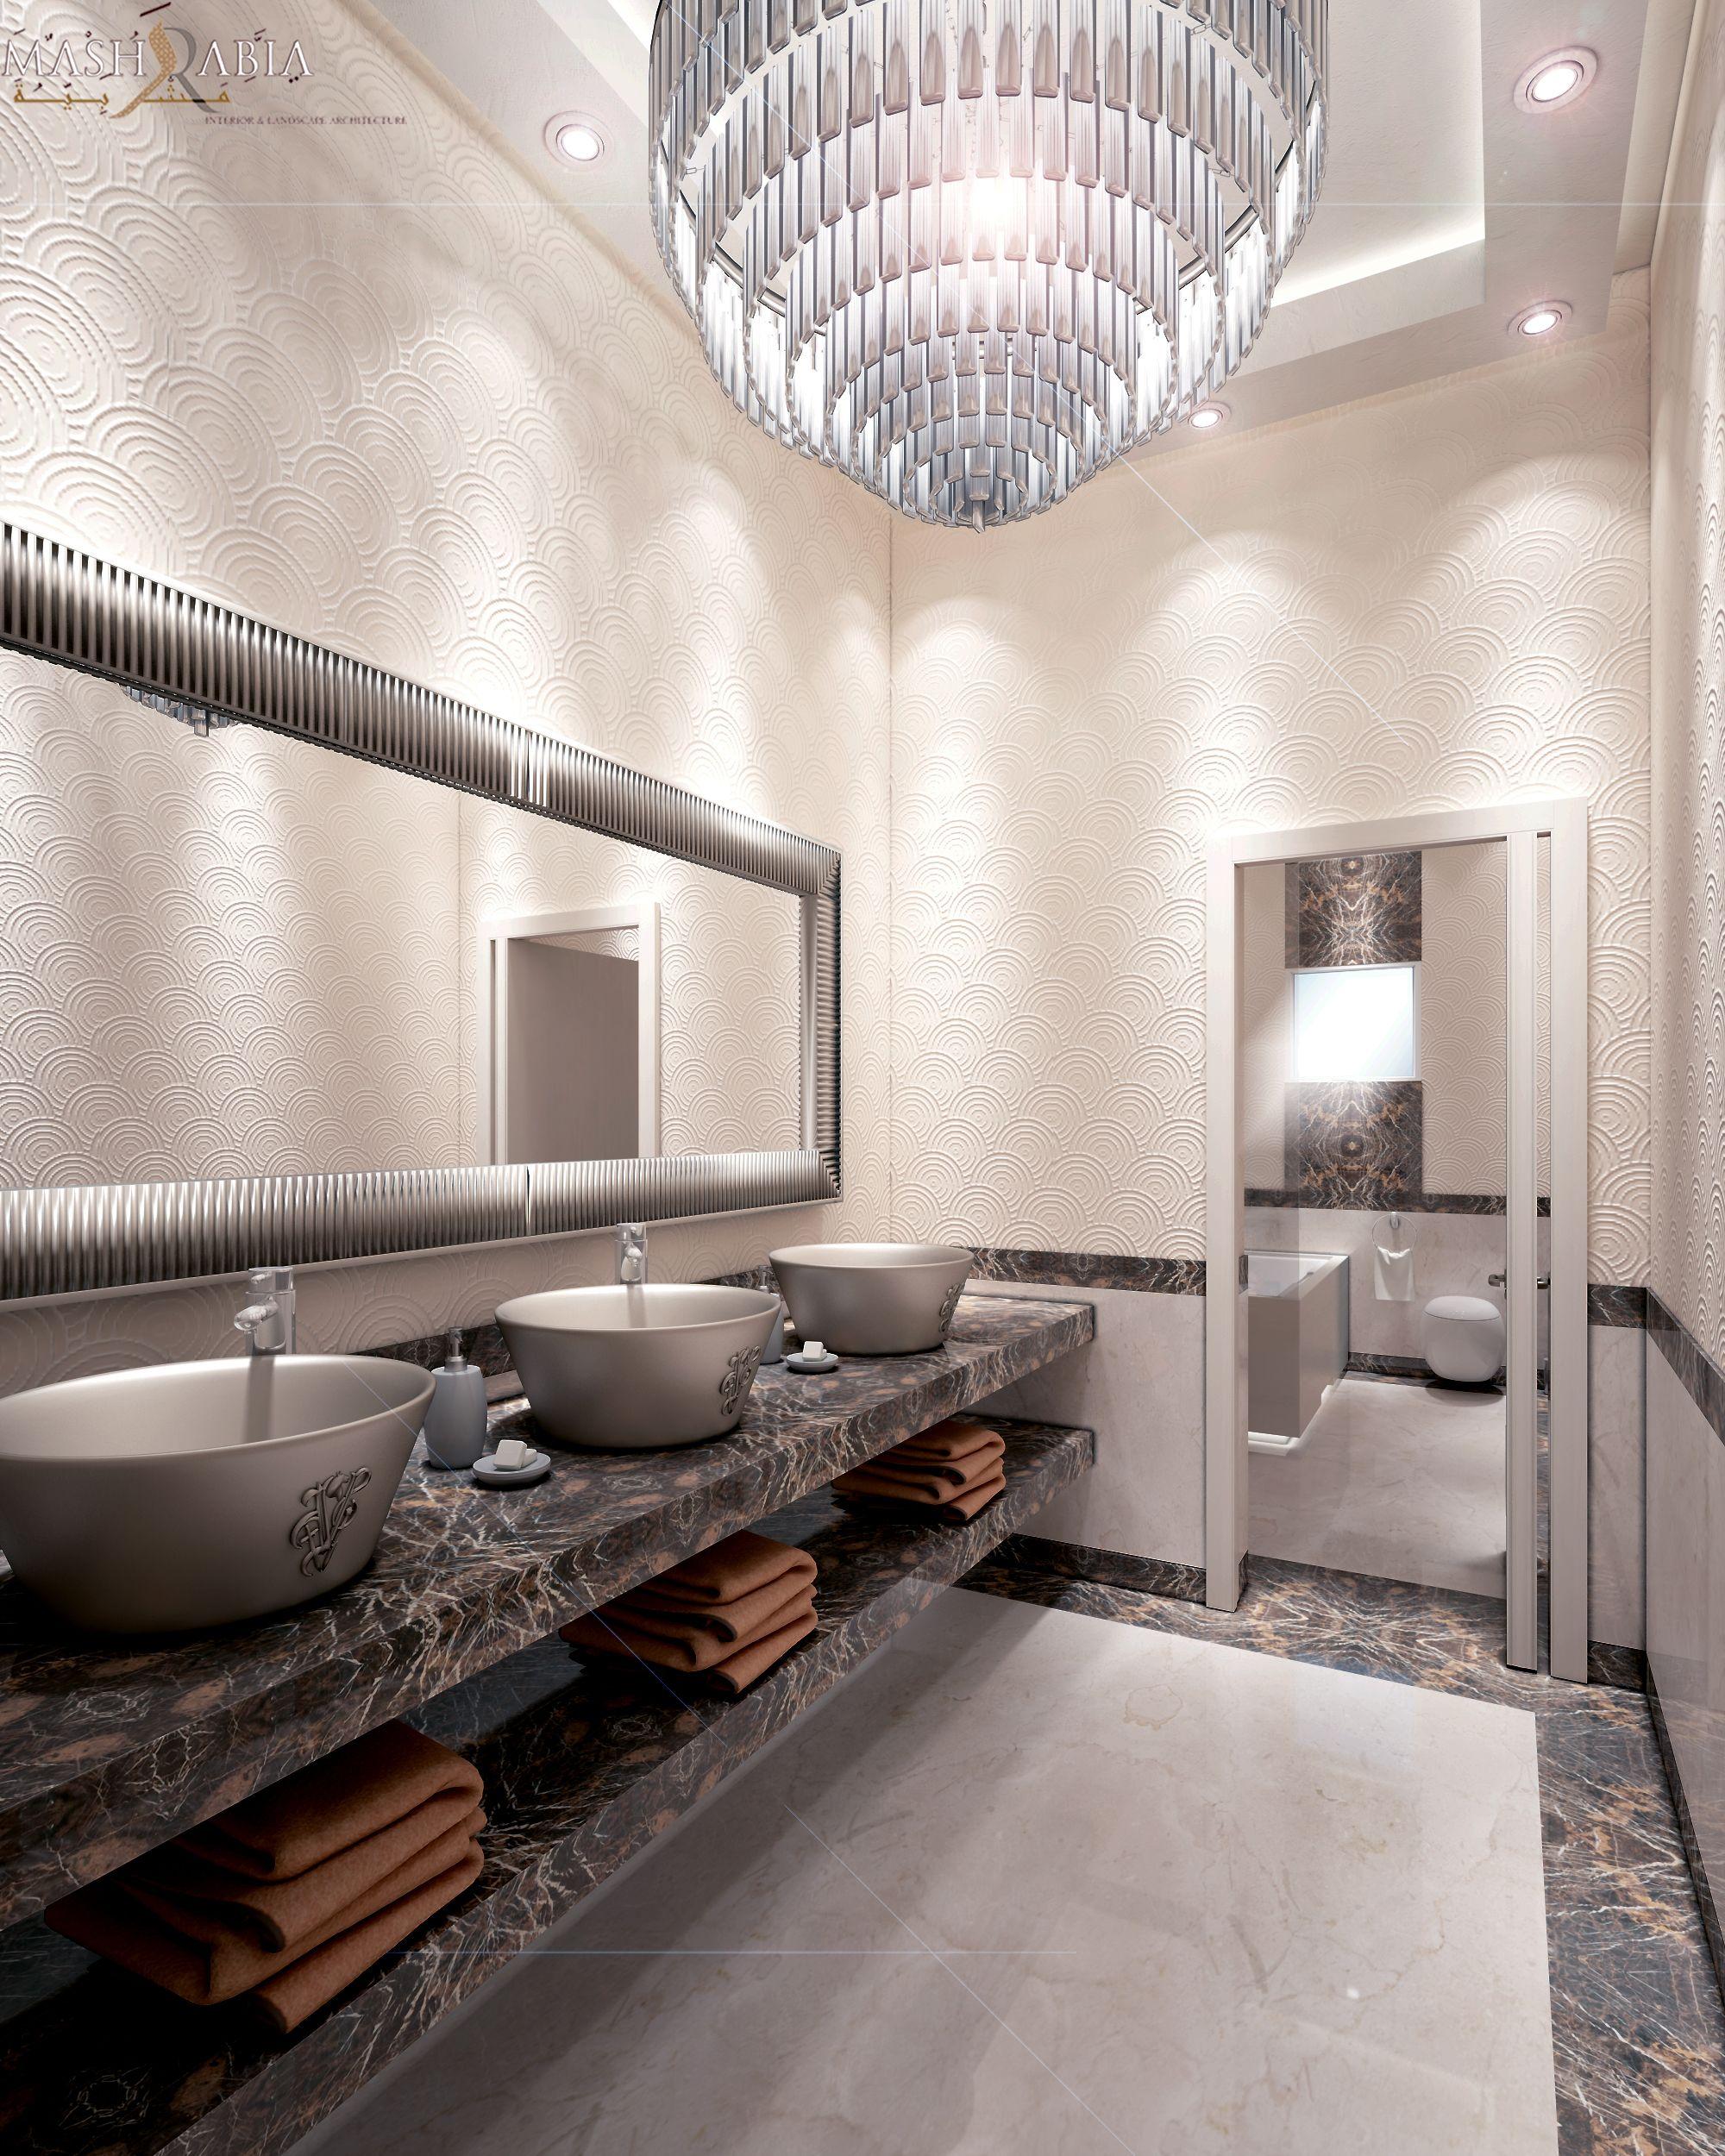 Masterbathroom Luxury Marble Visionnaire Furniture Italian Furniture Brands Master Bedroom Design Master Bathroom